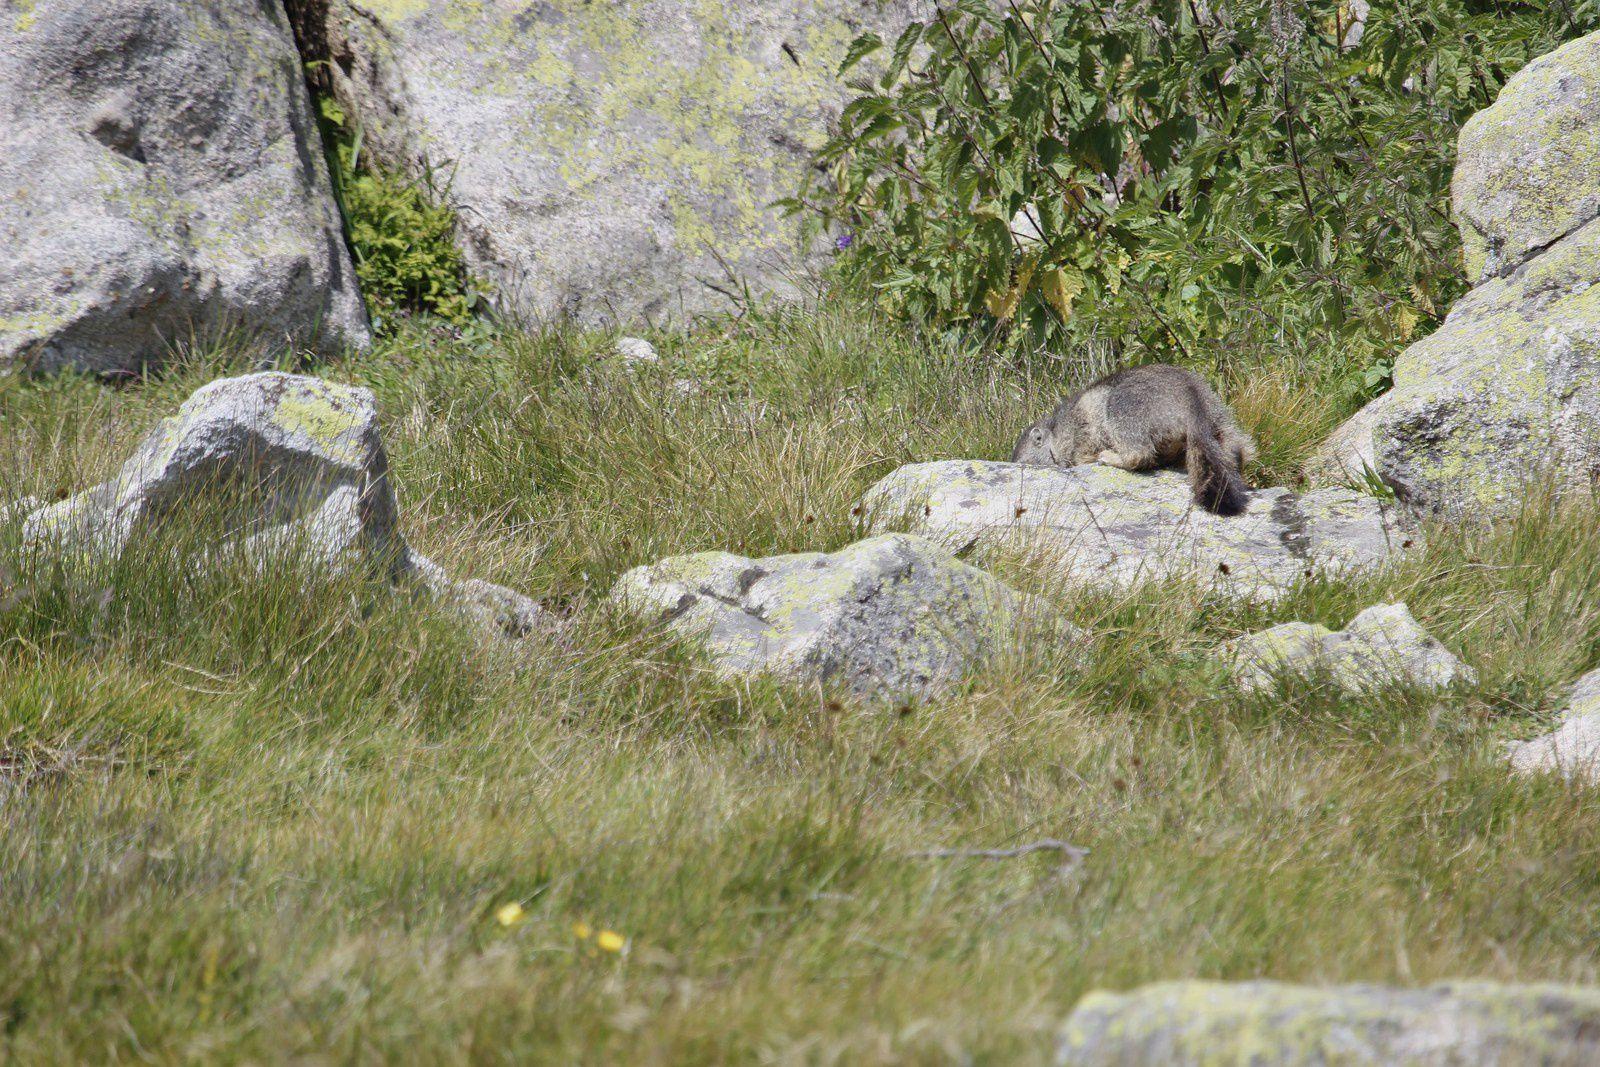 la séance photo terminée, la marmotte . . .